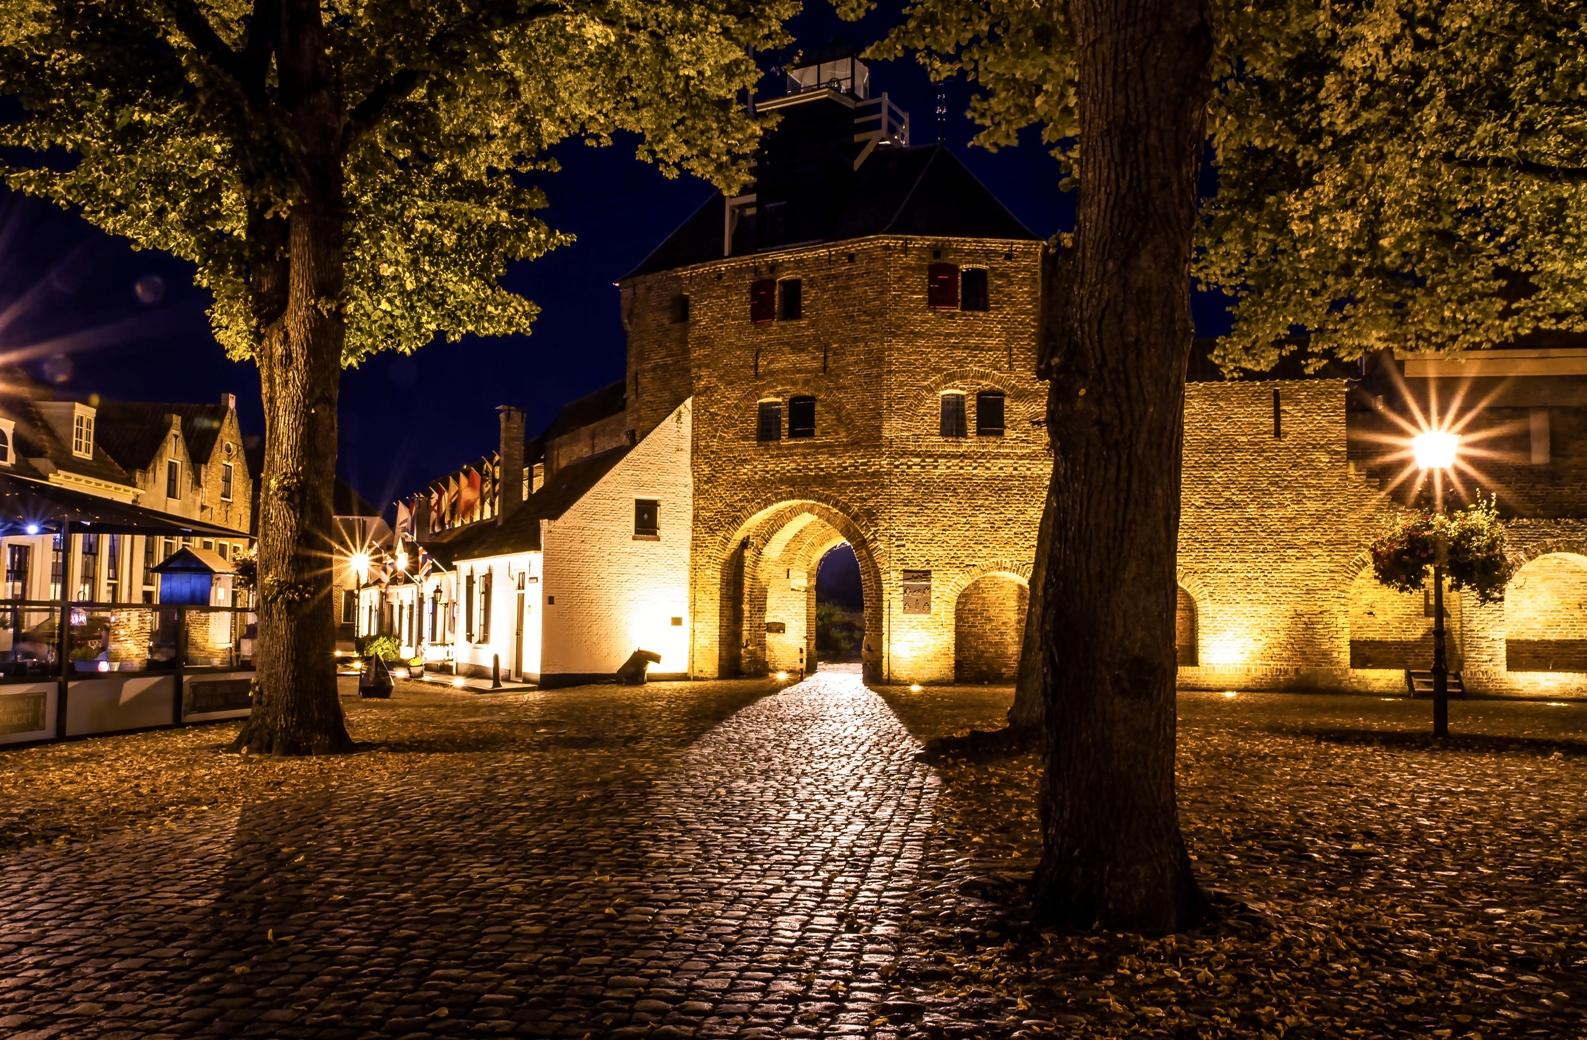 de Vischpoort in Harderwijk / The Vischpoort in Harderwijk (NL)